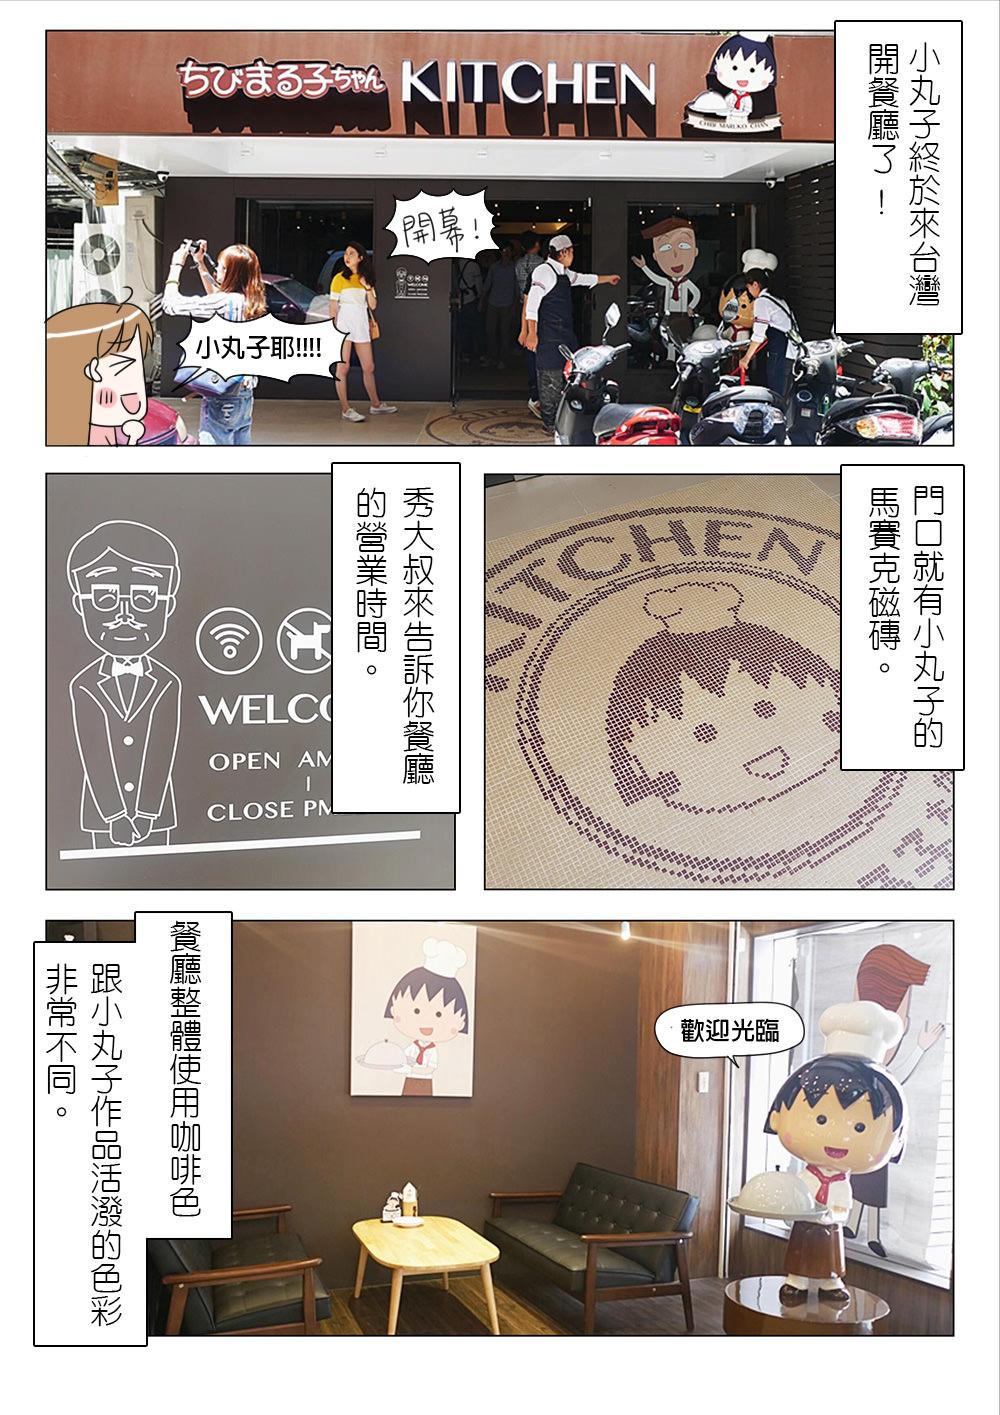 【漫畫食記】台北 櫻桃 小丸子餐廳 來台啦!日本唯一授權小丸子正版餐廳